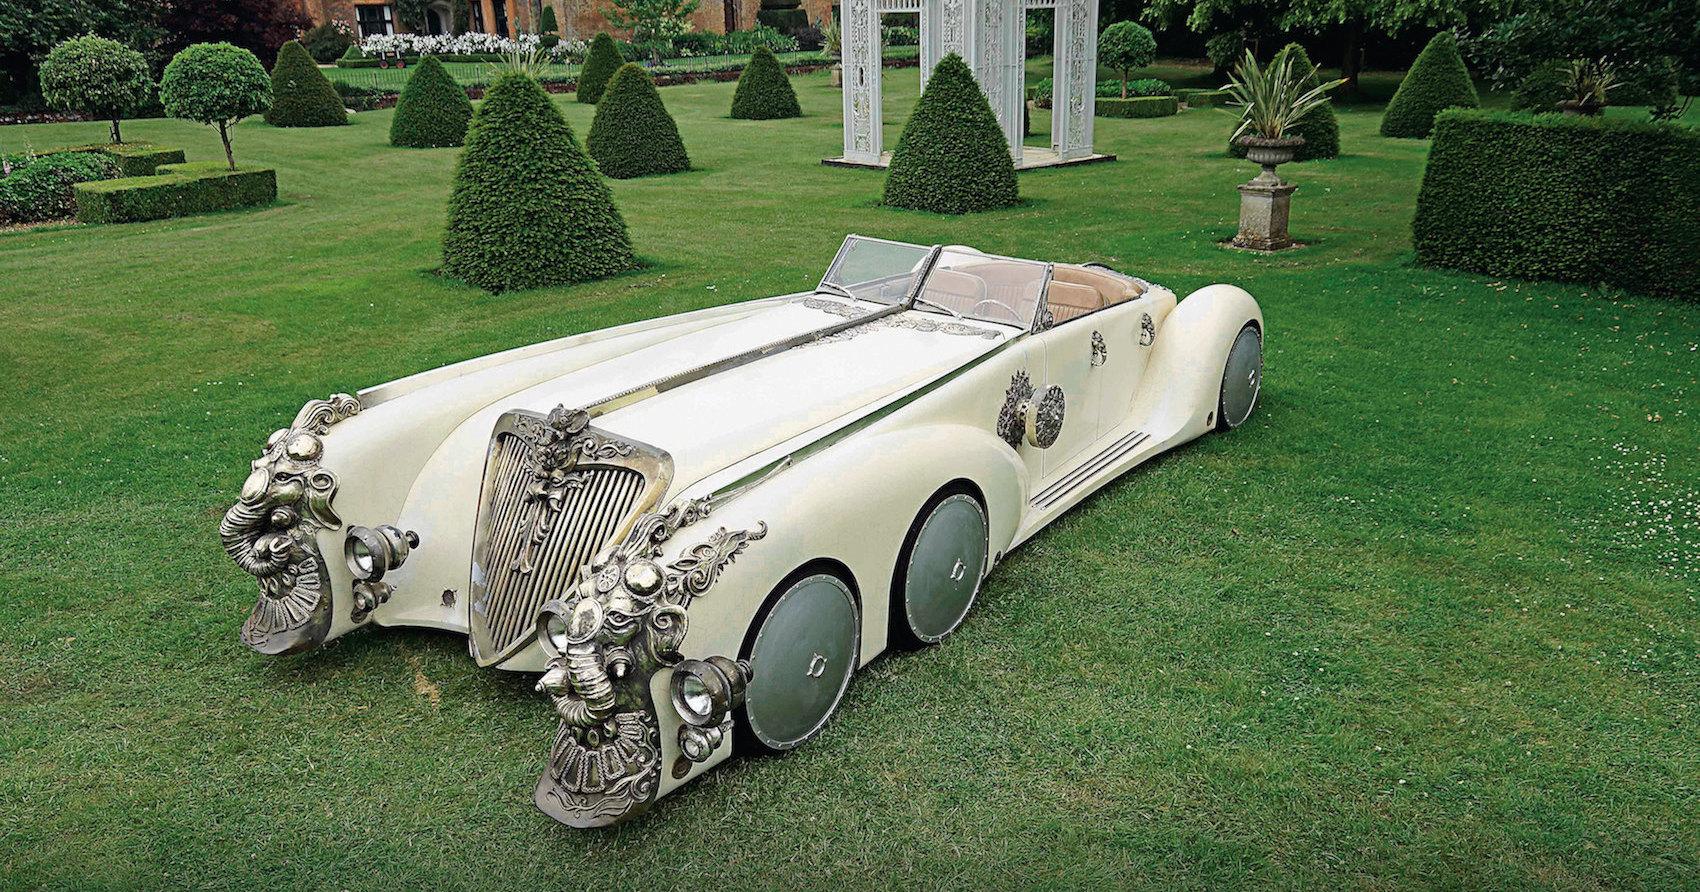 Наутилус на колесах: лимузин из сказки